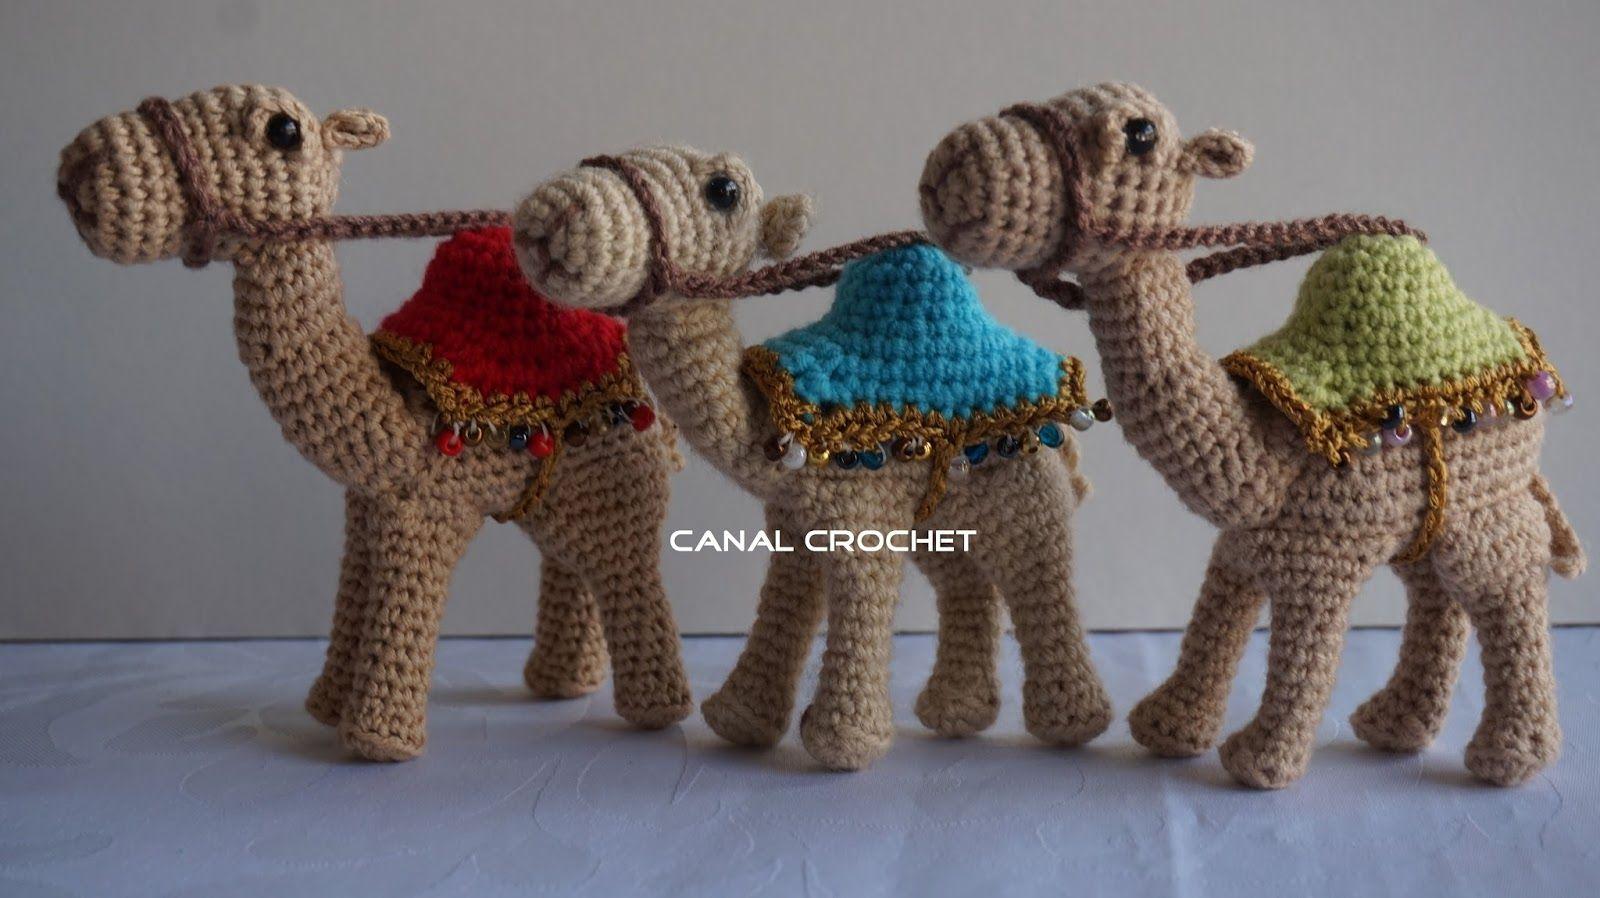 CANAL CROCHET: Camello amigurumi patrón libre. | Knitting ...